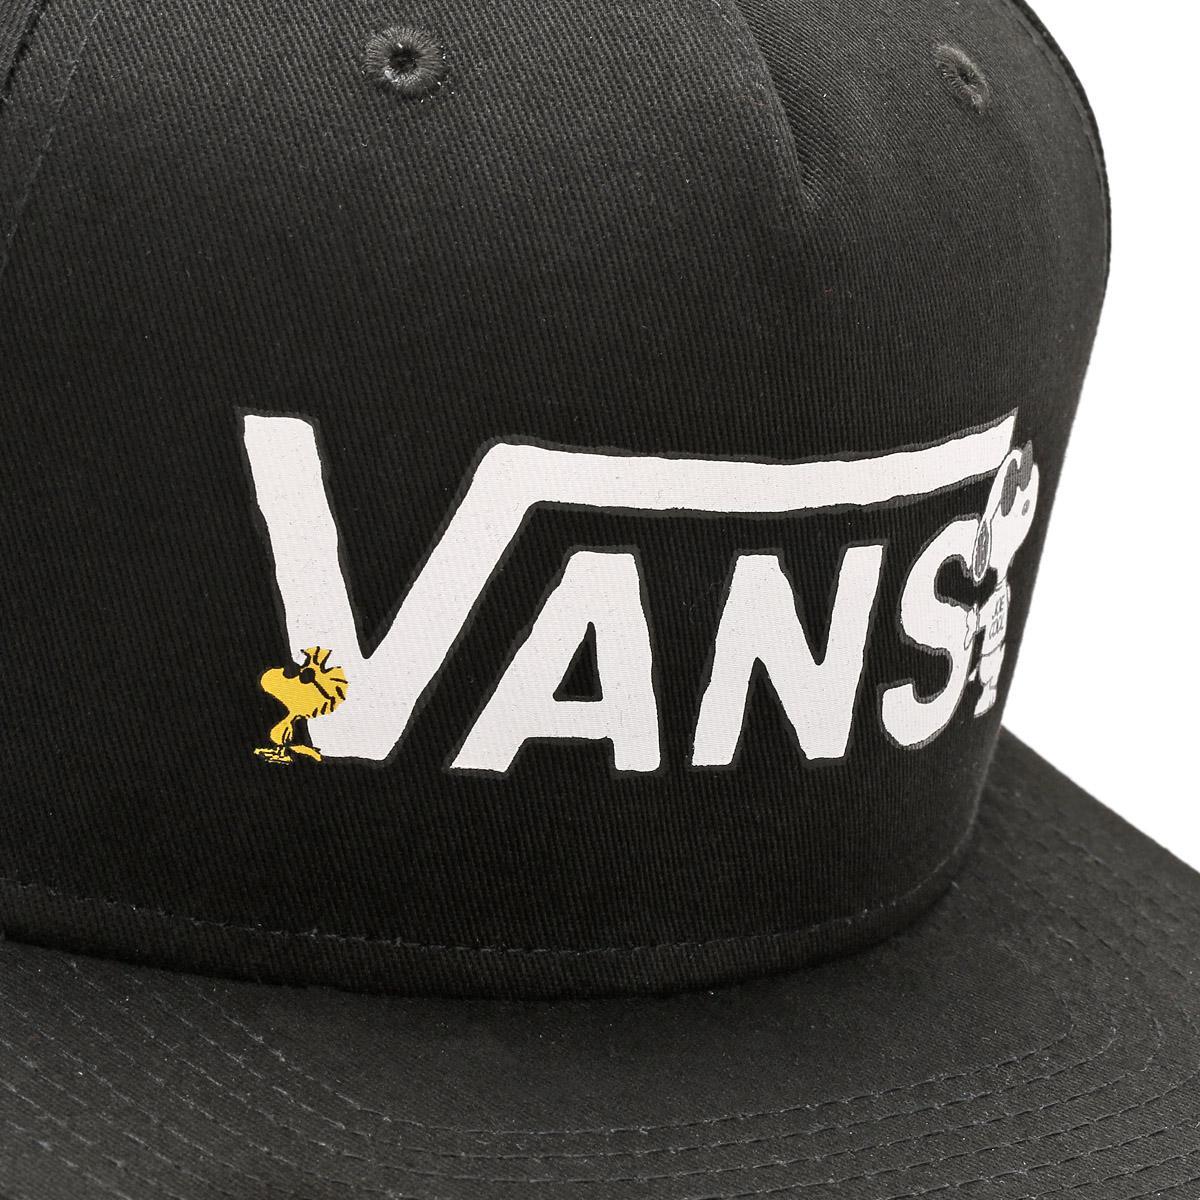 Vans X Peanuts Snapback Cap in Black for Men - Lyst c362ec2c478